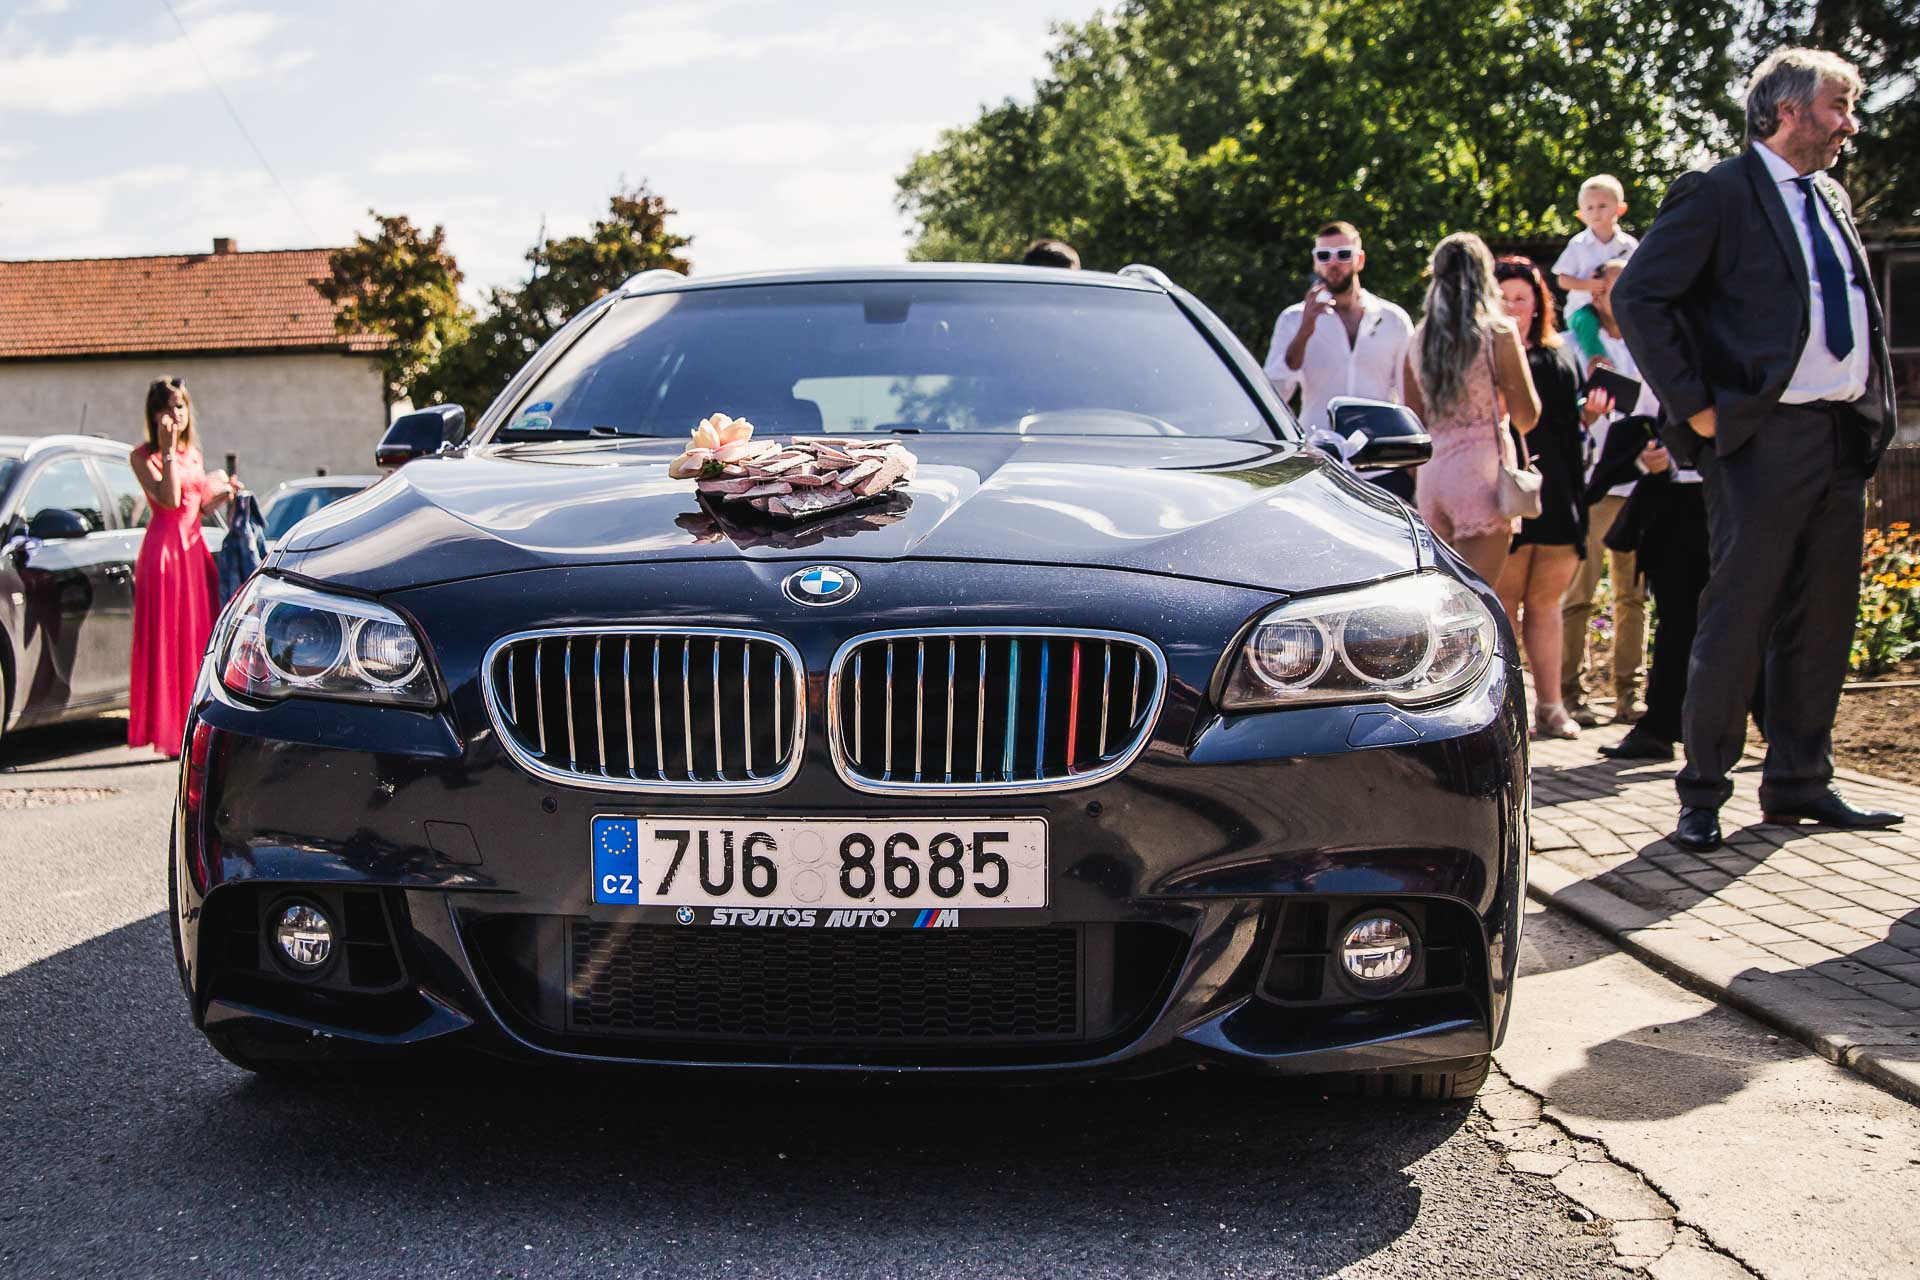 svatební-fotografie-Říp-svatební-video-ŘÍP-svatební-fotograf-ŘÍP-svatba-Mělník-svatba-Neratovice-fotograf-na-savtbu-kameraman-na-svatbu-60